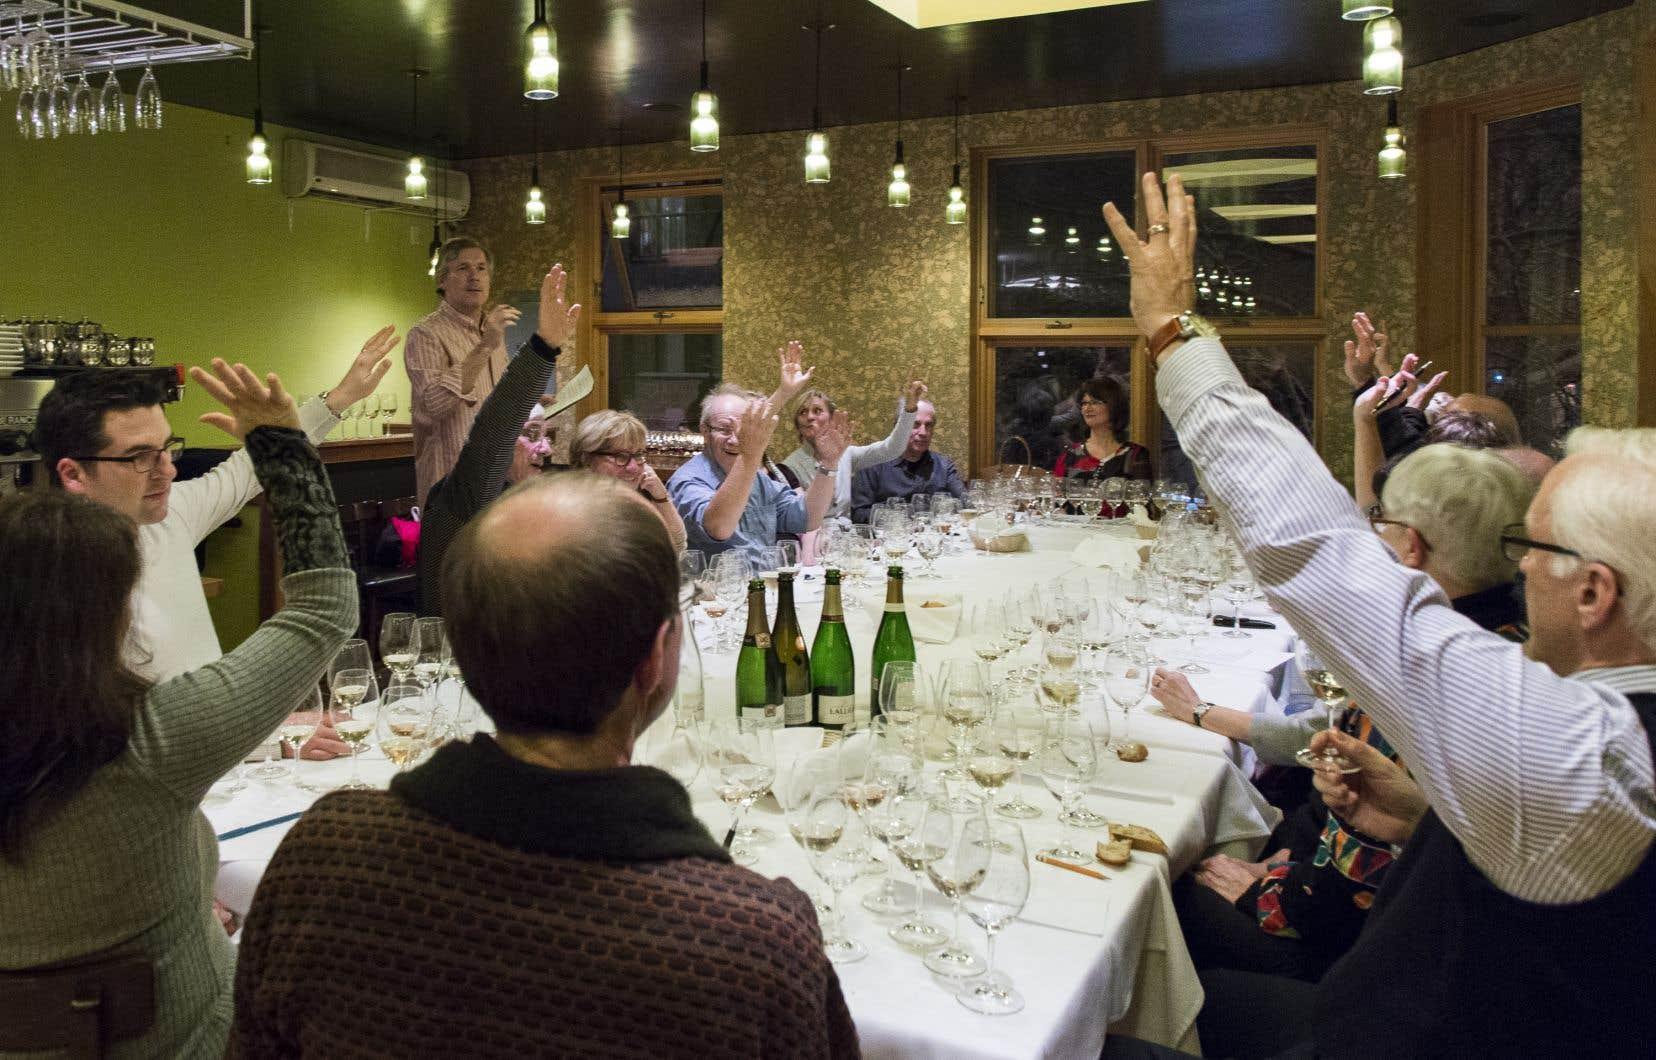 Après avoir regardé la robe du vin, humé ses arômes, dégusté et dégusté encore, que fait-on? On en parle, en long et en large! Et le vote pour élire le meilleur vin peut être serré!